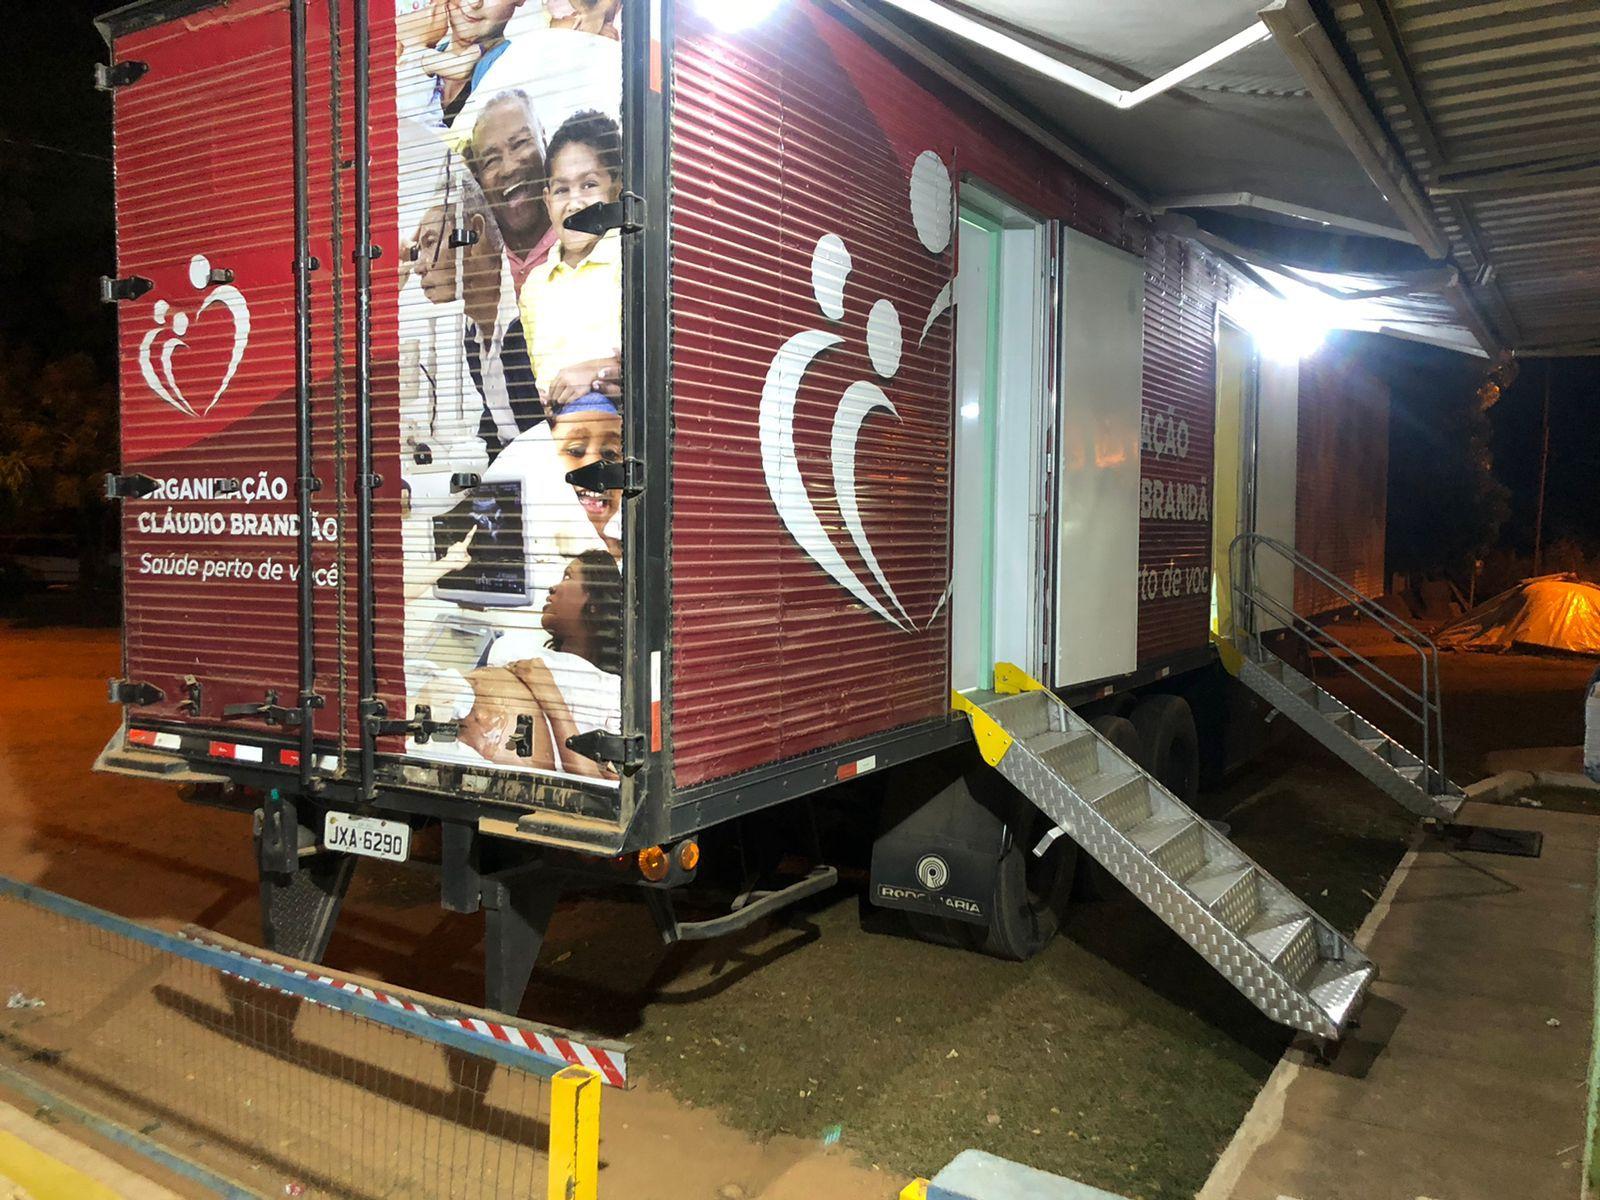 Caminhão da Saúde oferece consulta médica e exames de imagem gratuitos em Piracanjuba